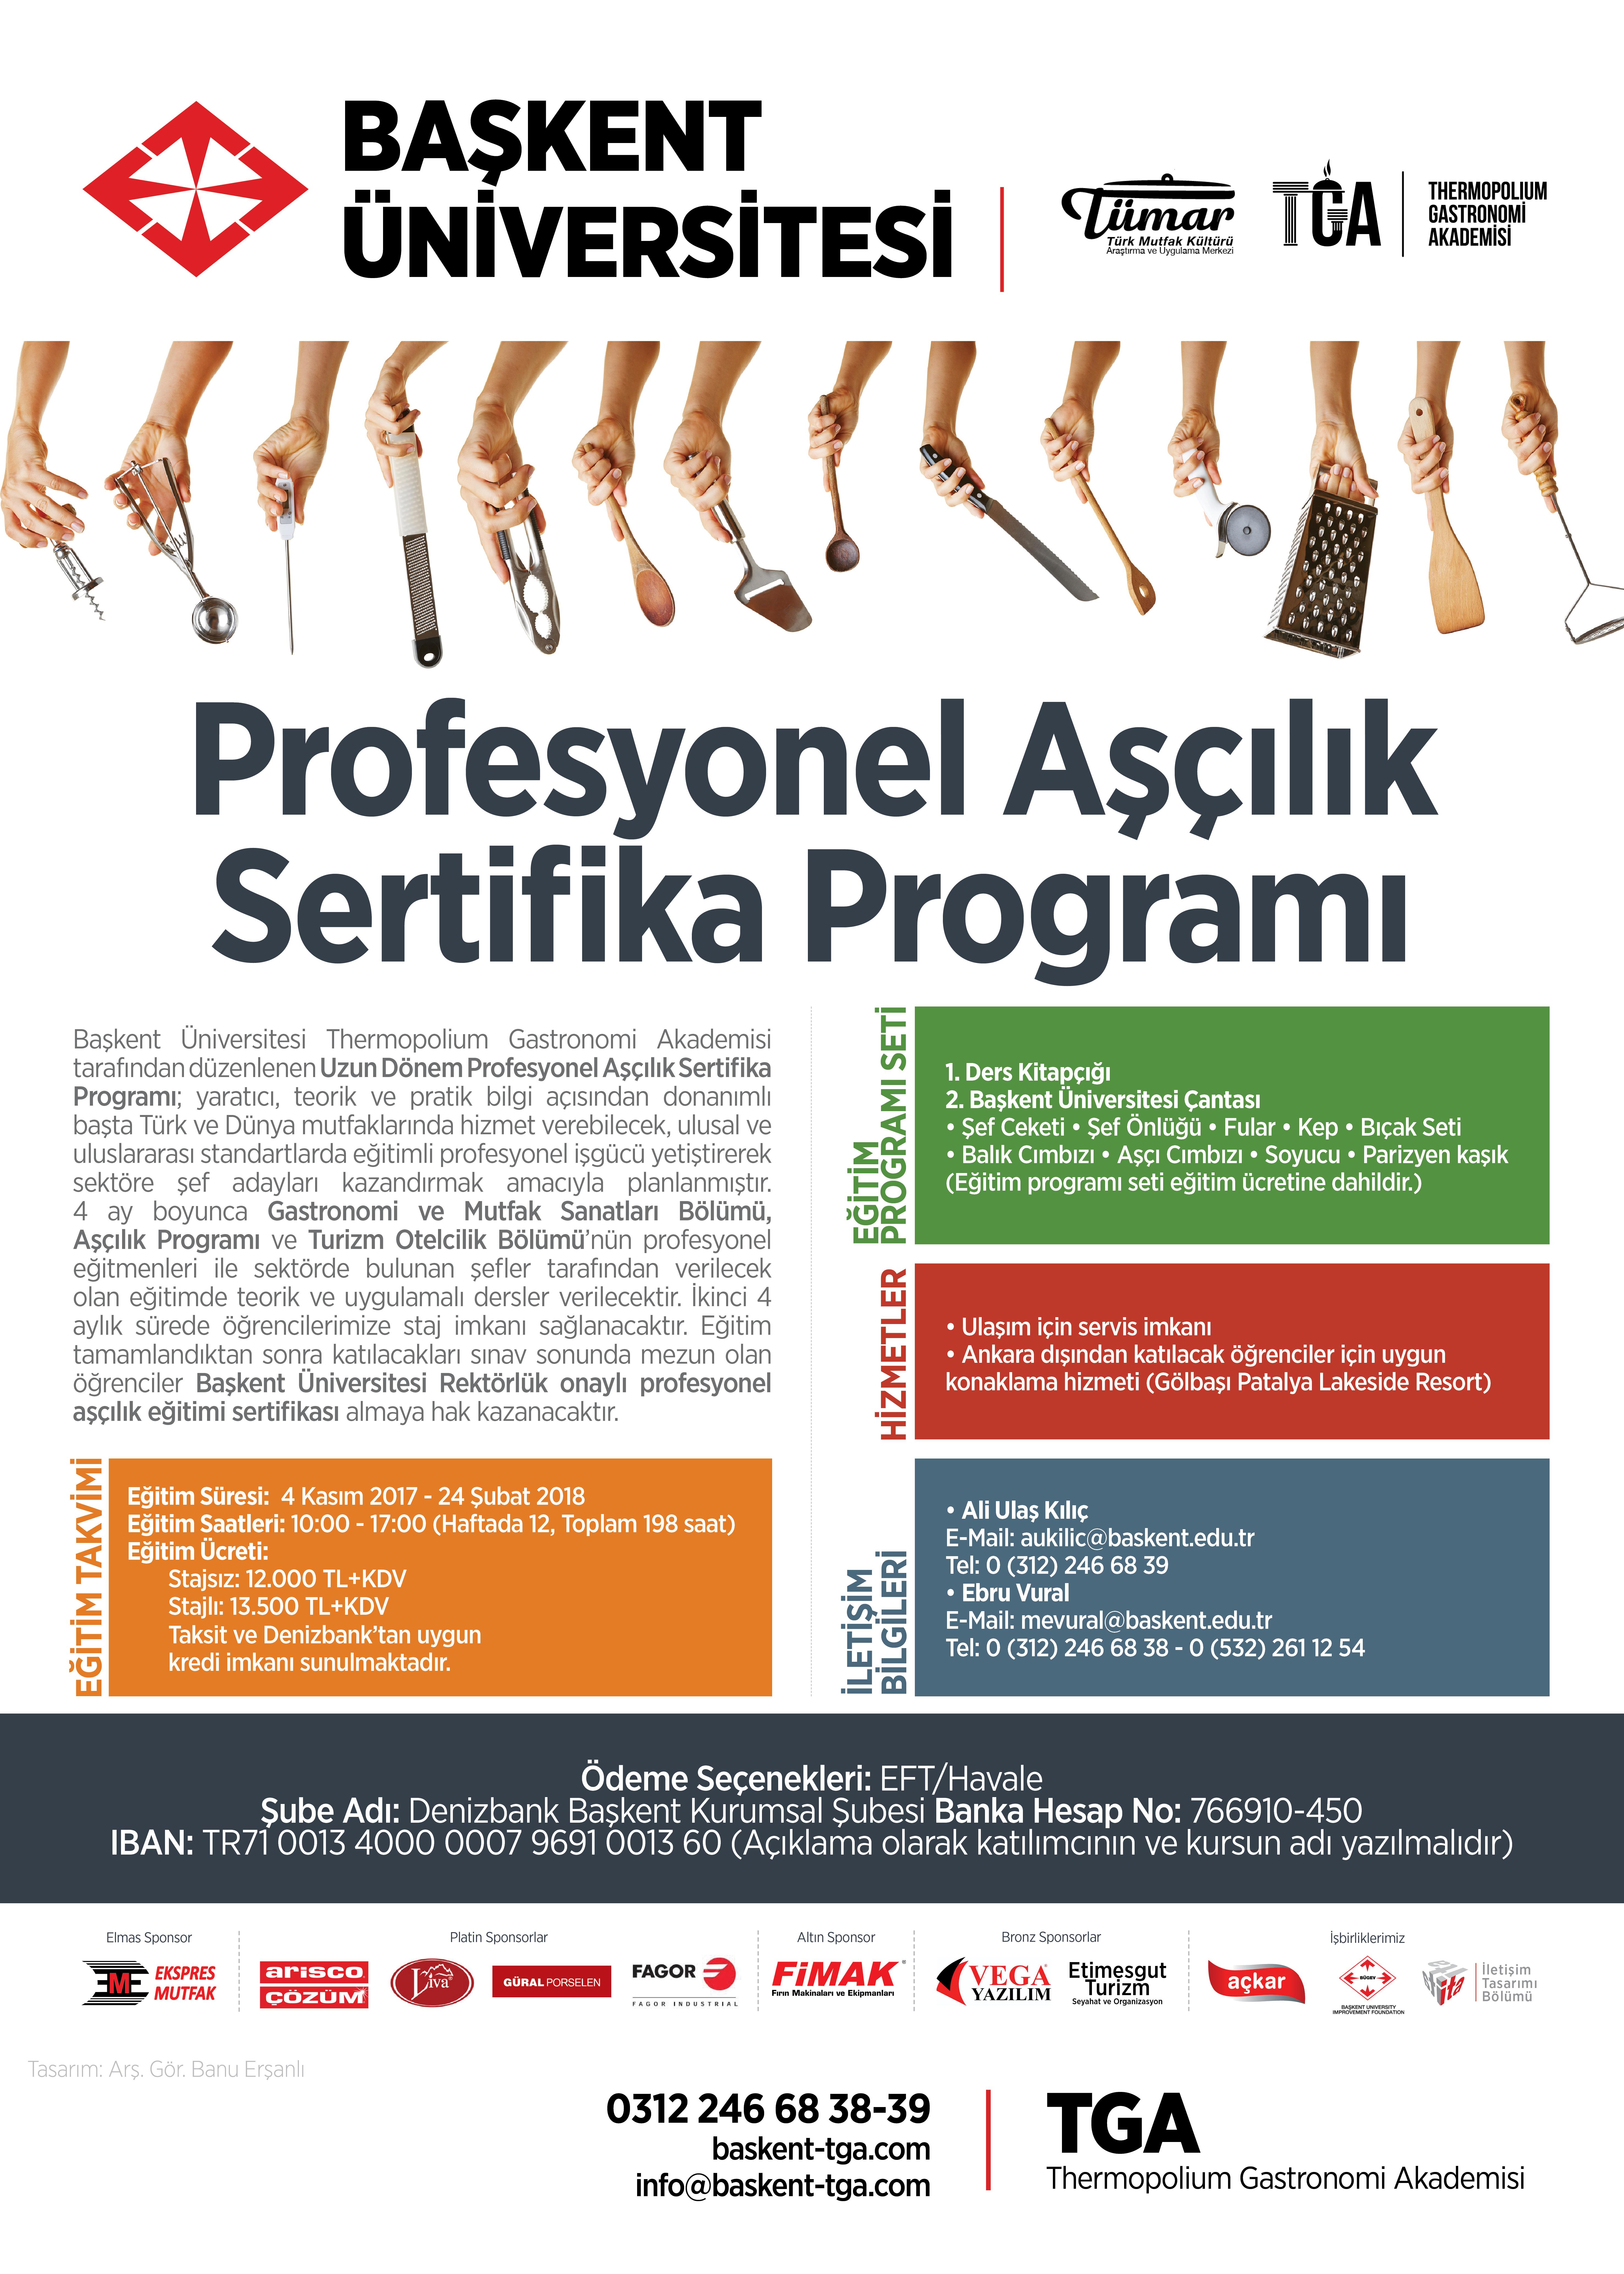 pro_ascilik